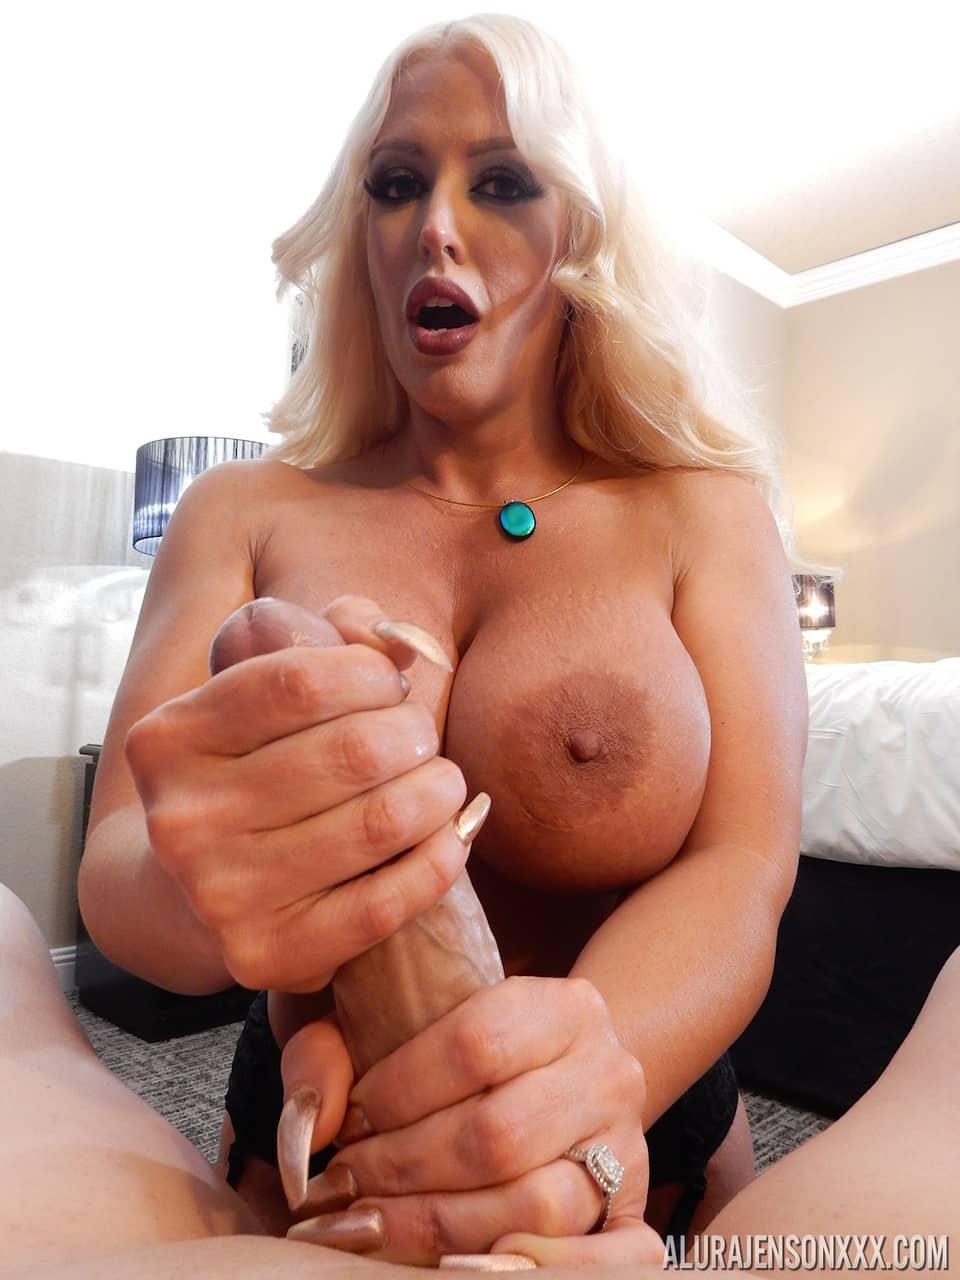 fotos porno hd com coroa peituda e rabuda fodendo 9264 - Fotos porno HD com coroa peituda e rabuda fodendo